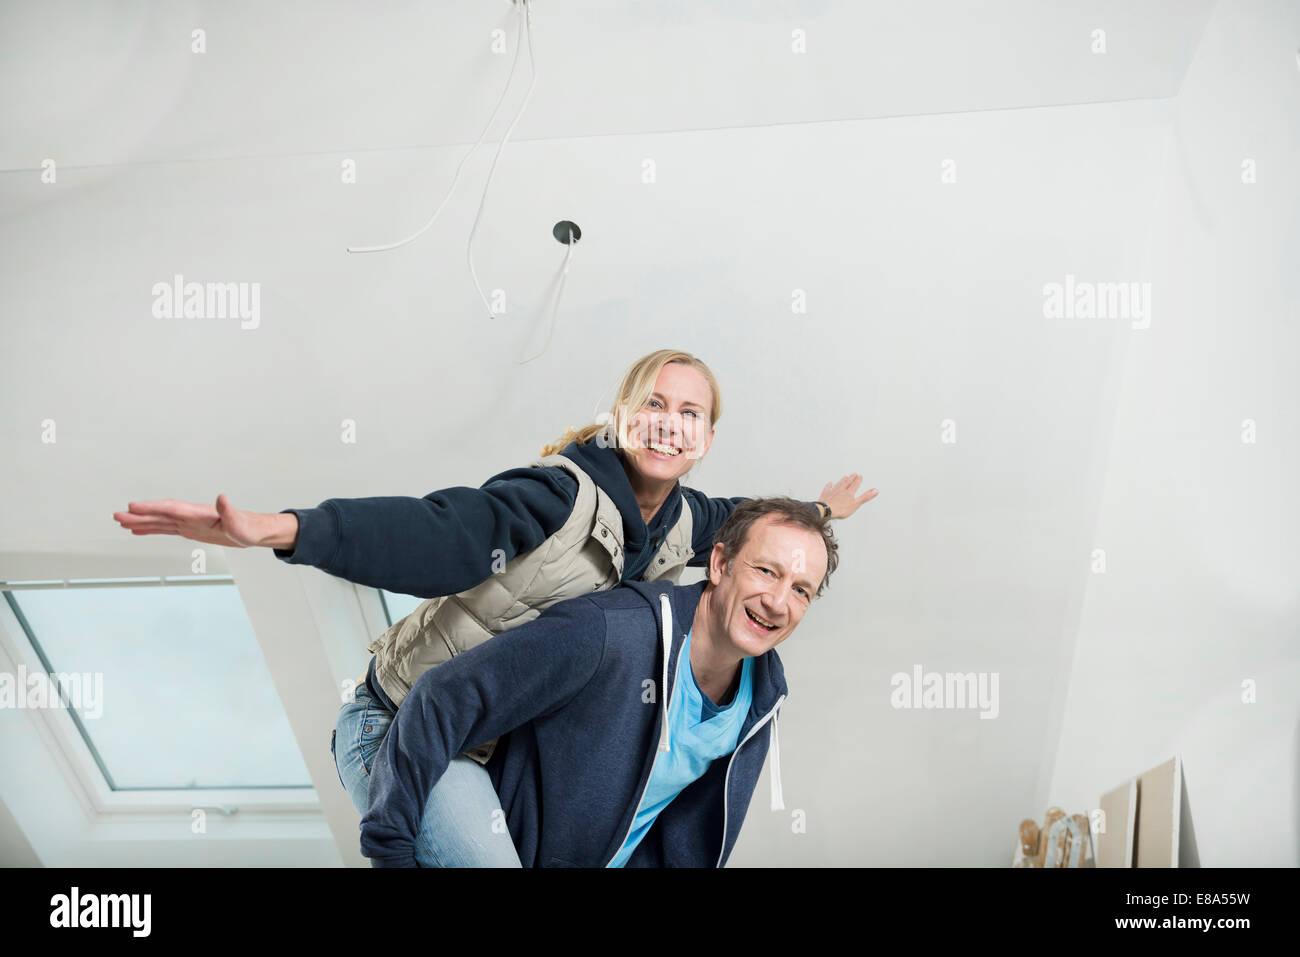 El hombre dando su compañera a cuestas durante la renovación Imagen De Stock